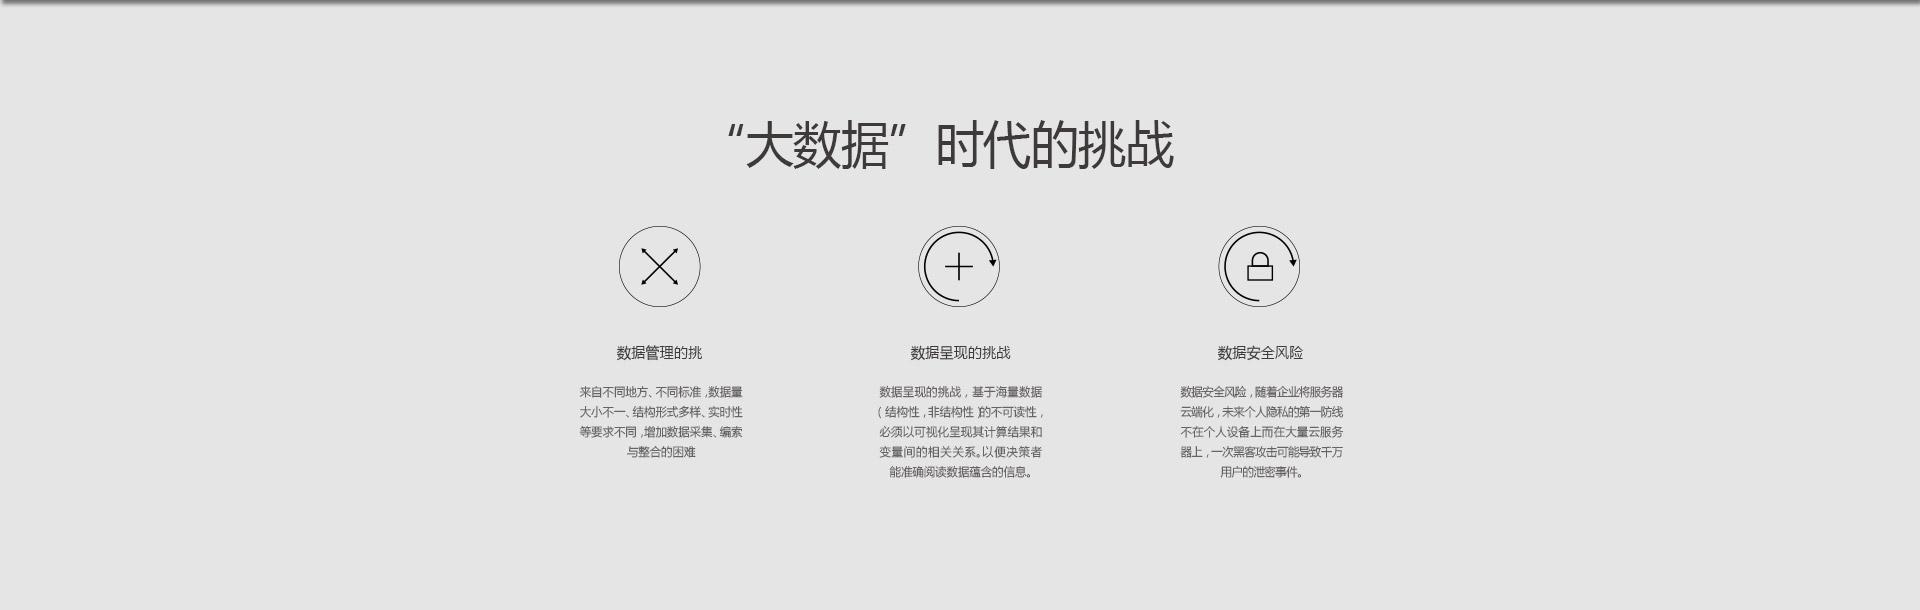 深圳大数据